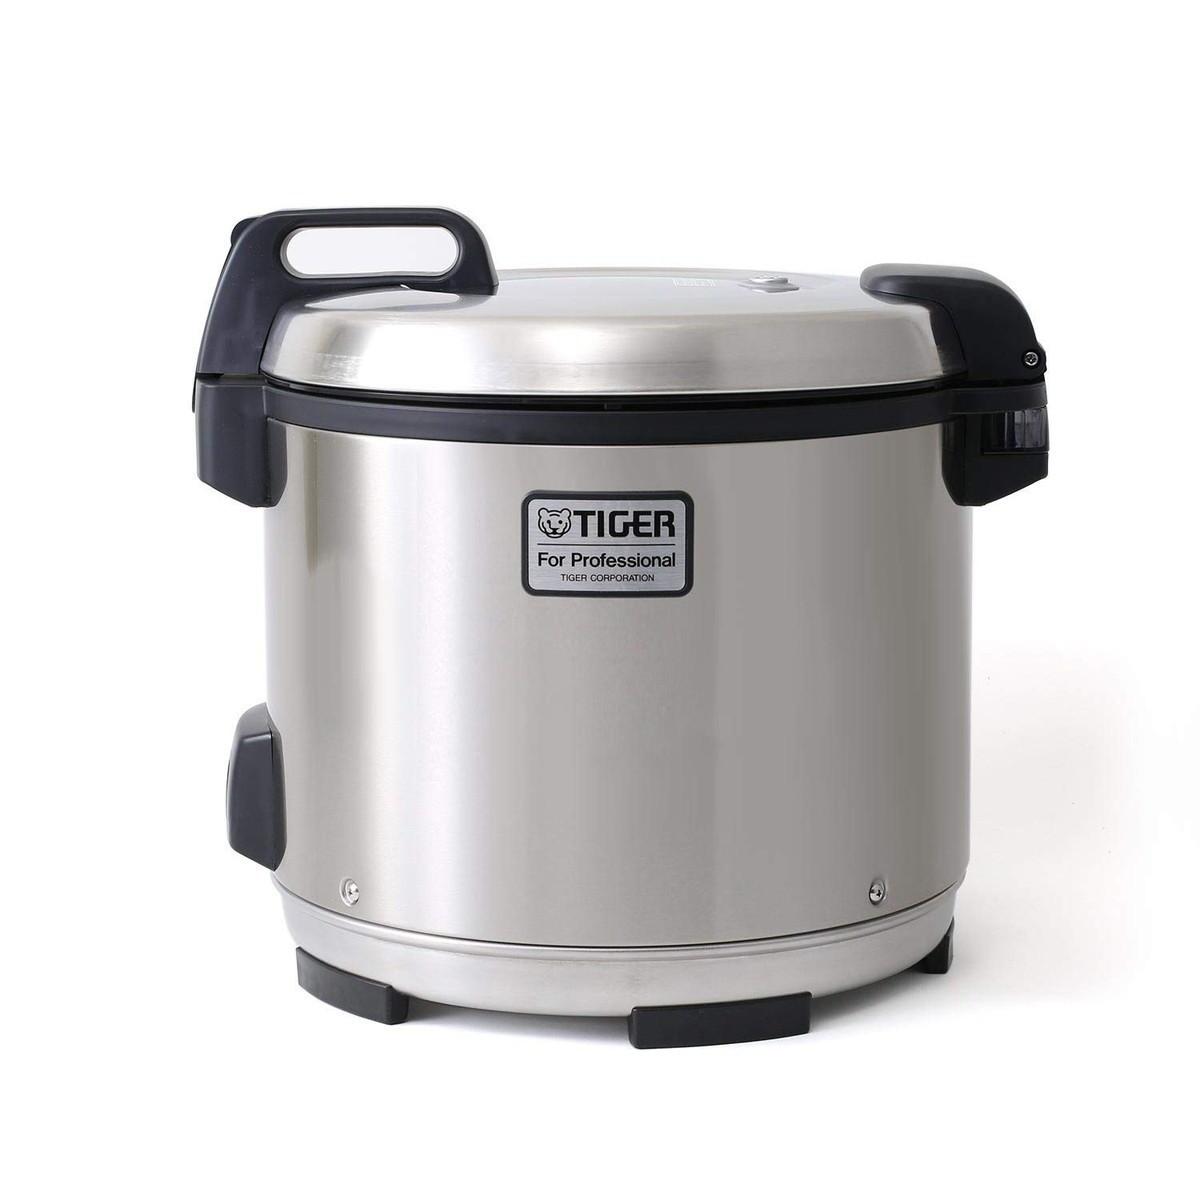 【エントリーでポイント10倍!!】タイガー(TIGER) 炊飯器 二升 ステンレス 炊きたて 炊飯 ジャー 業務用 JNO-A360-XS